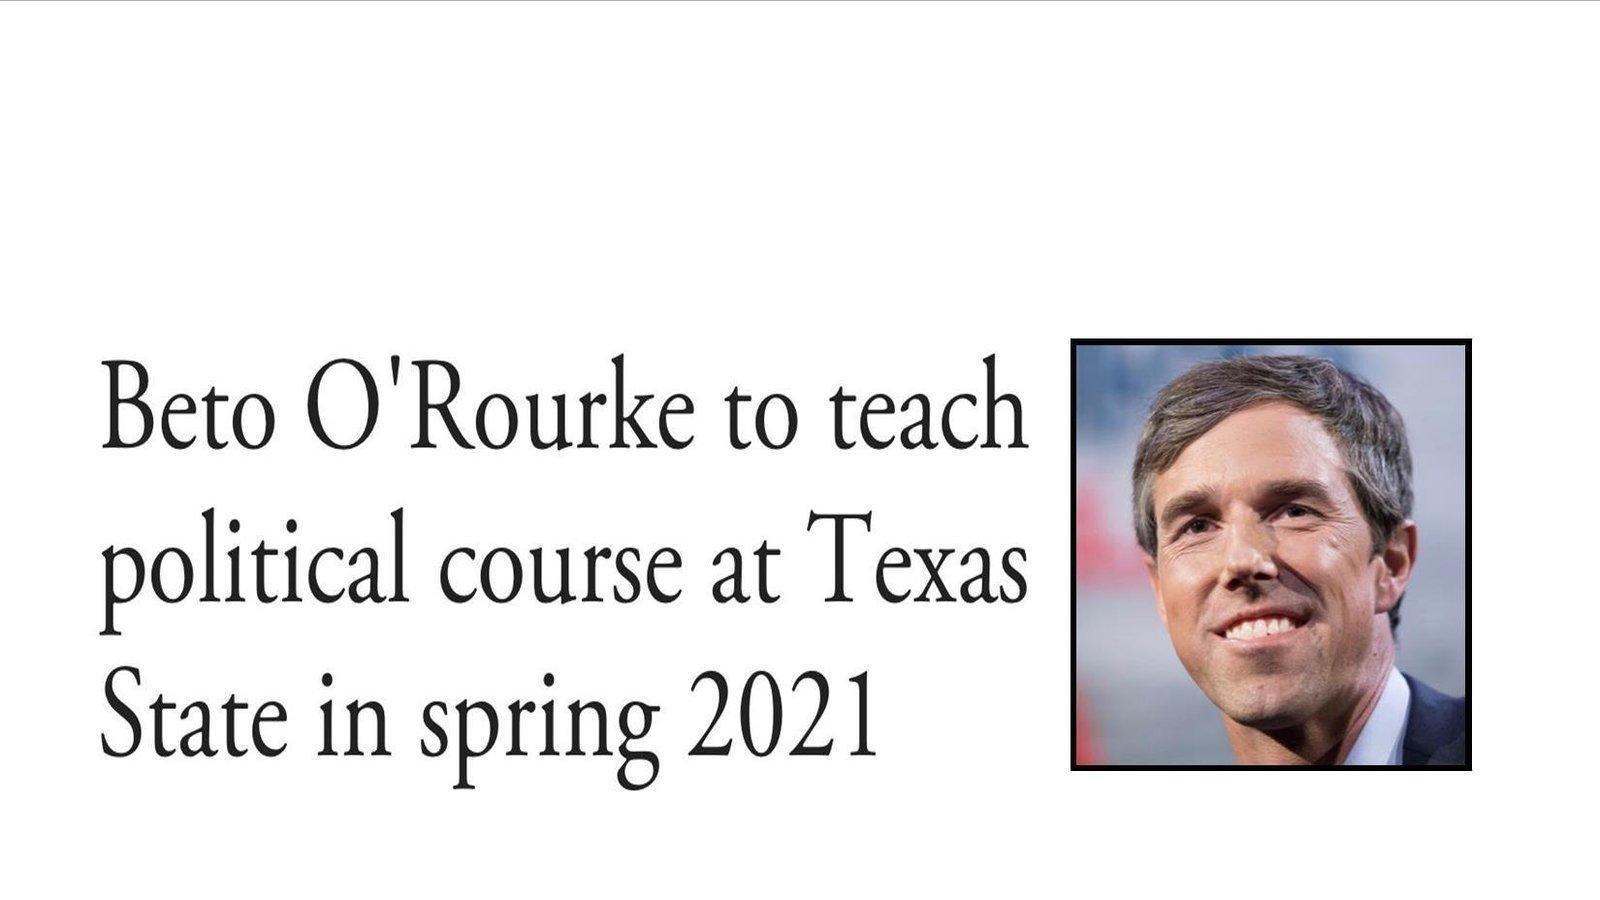 Petition · Texas State University alumni oppose Beto O'Rourke teaching Texas Politics at Texas State · Change.org